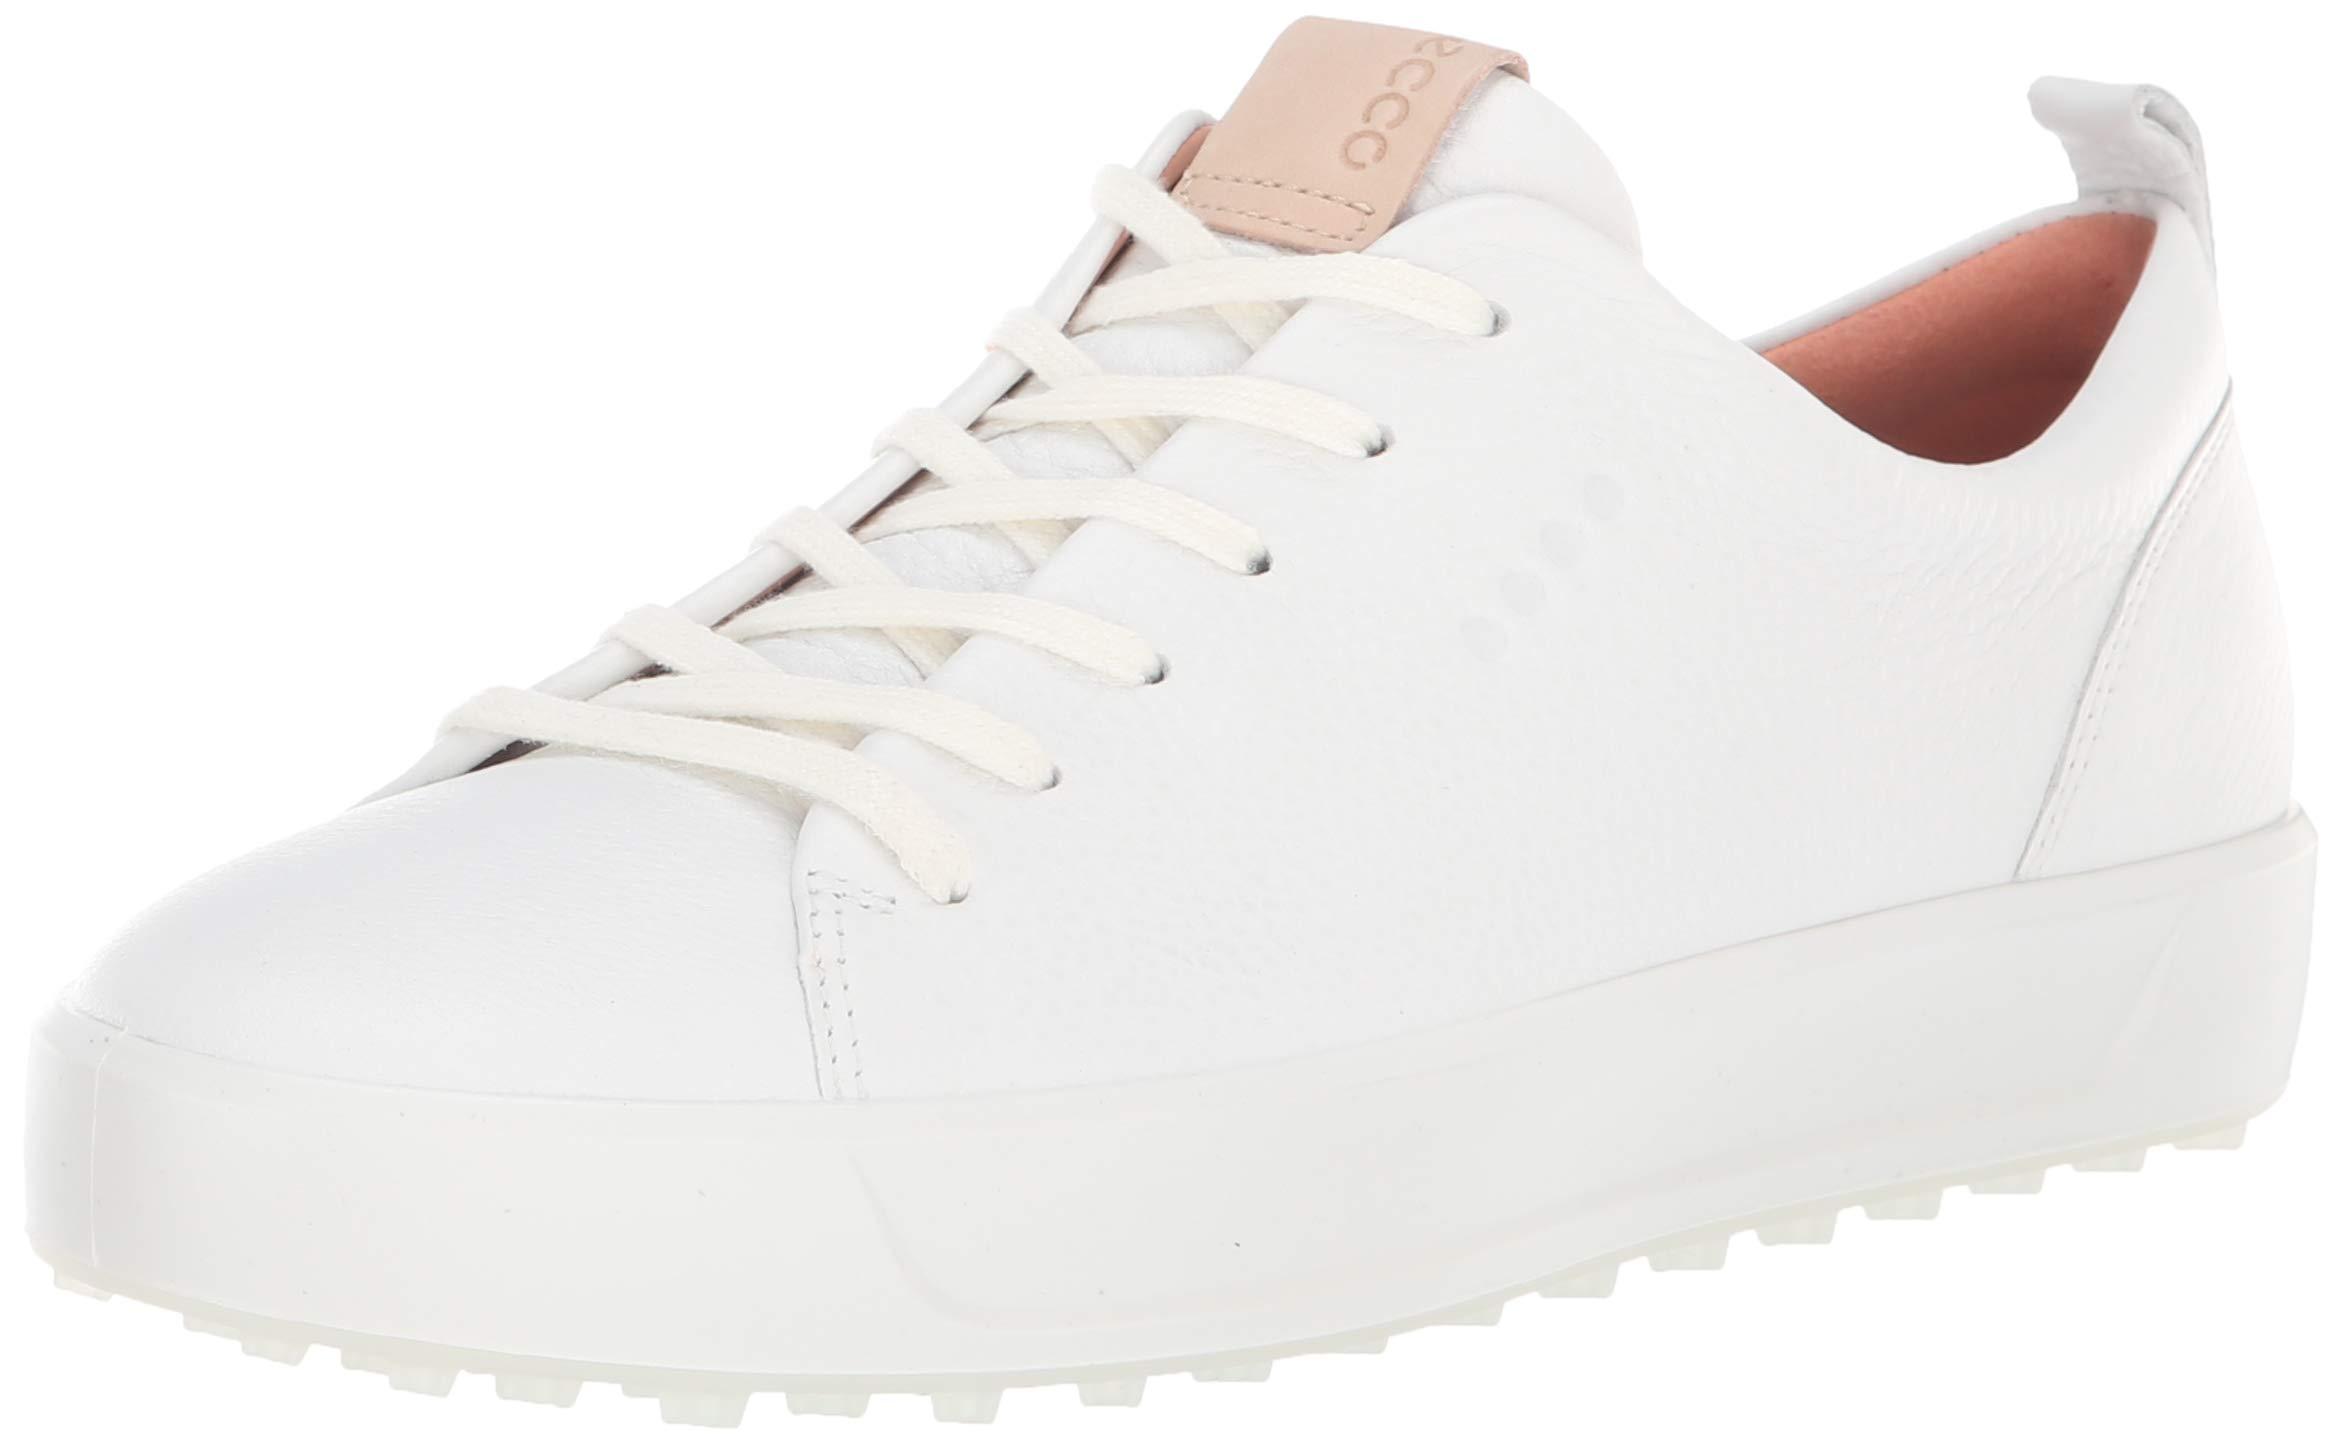 ECCO Women's Soft Low Hydromax Golf Shoe, Bright White, 8 M US by ECCO